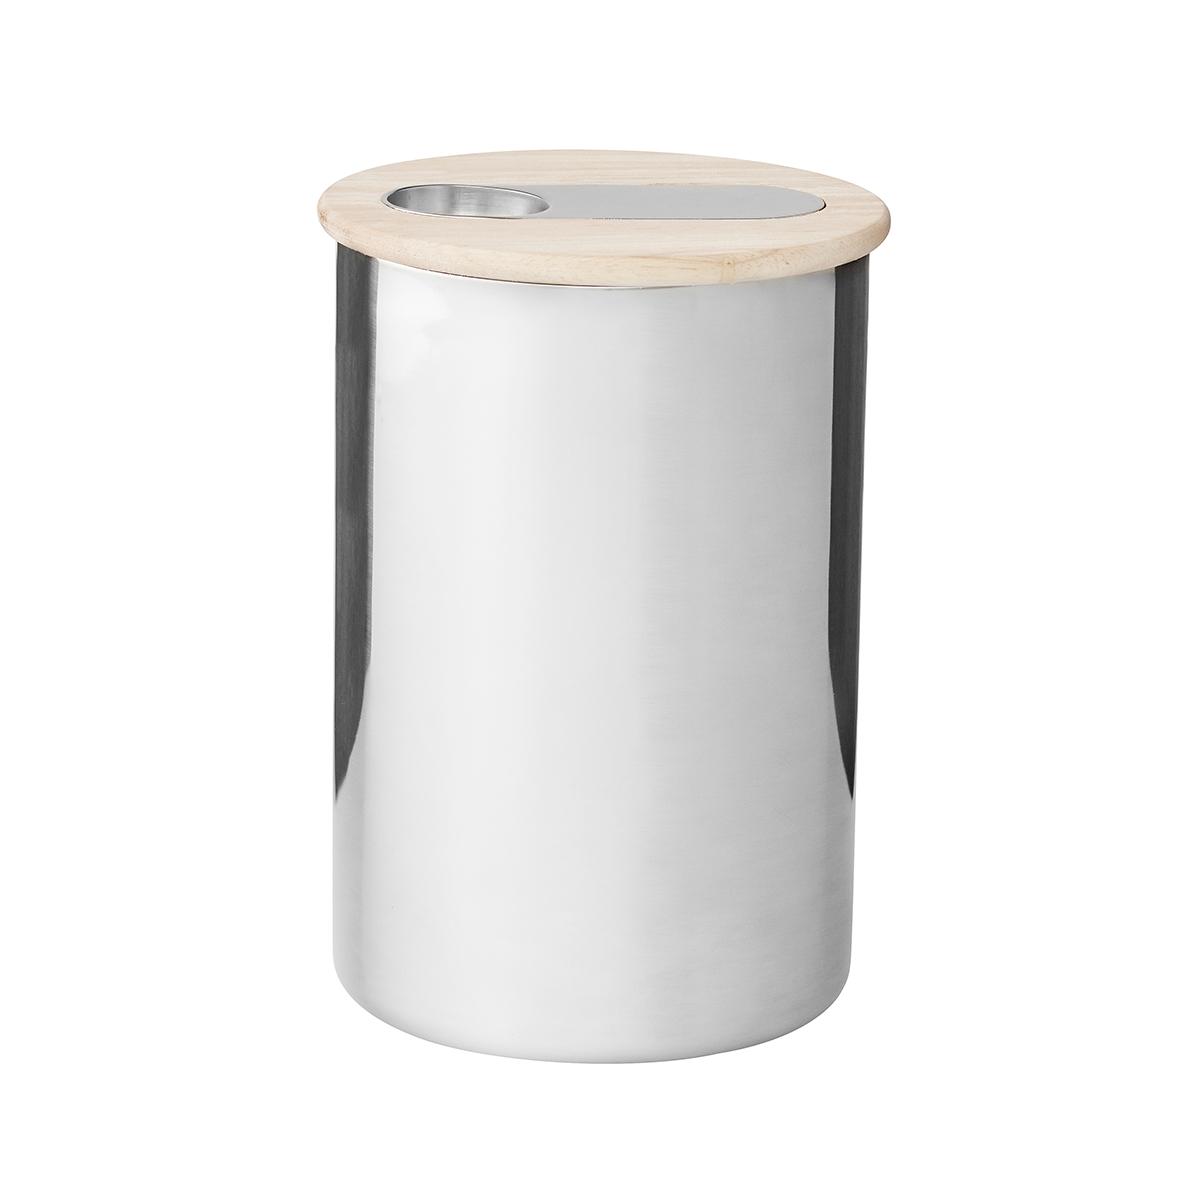 Stelton kaffedåse med måleske - Scoop